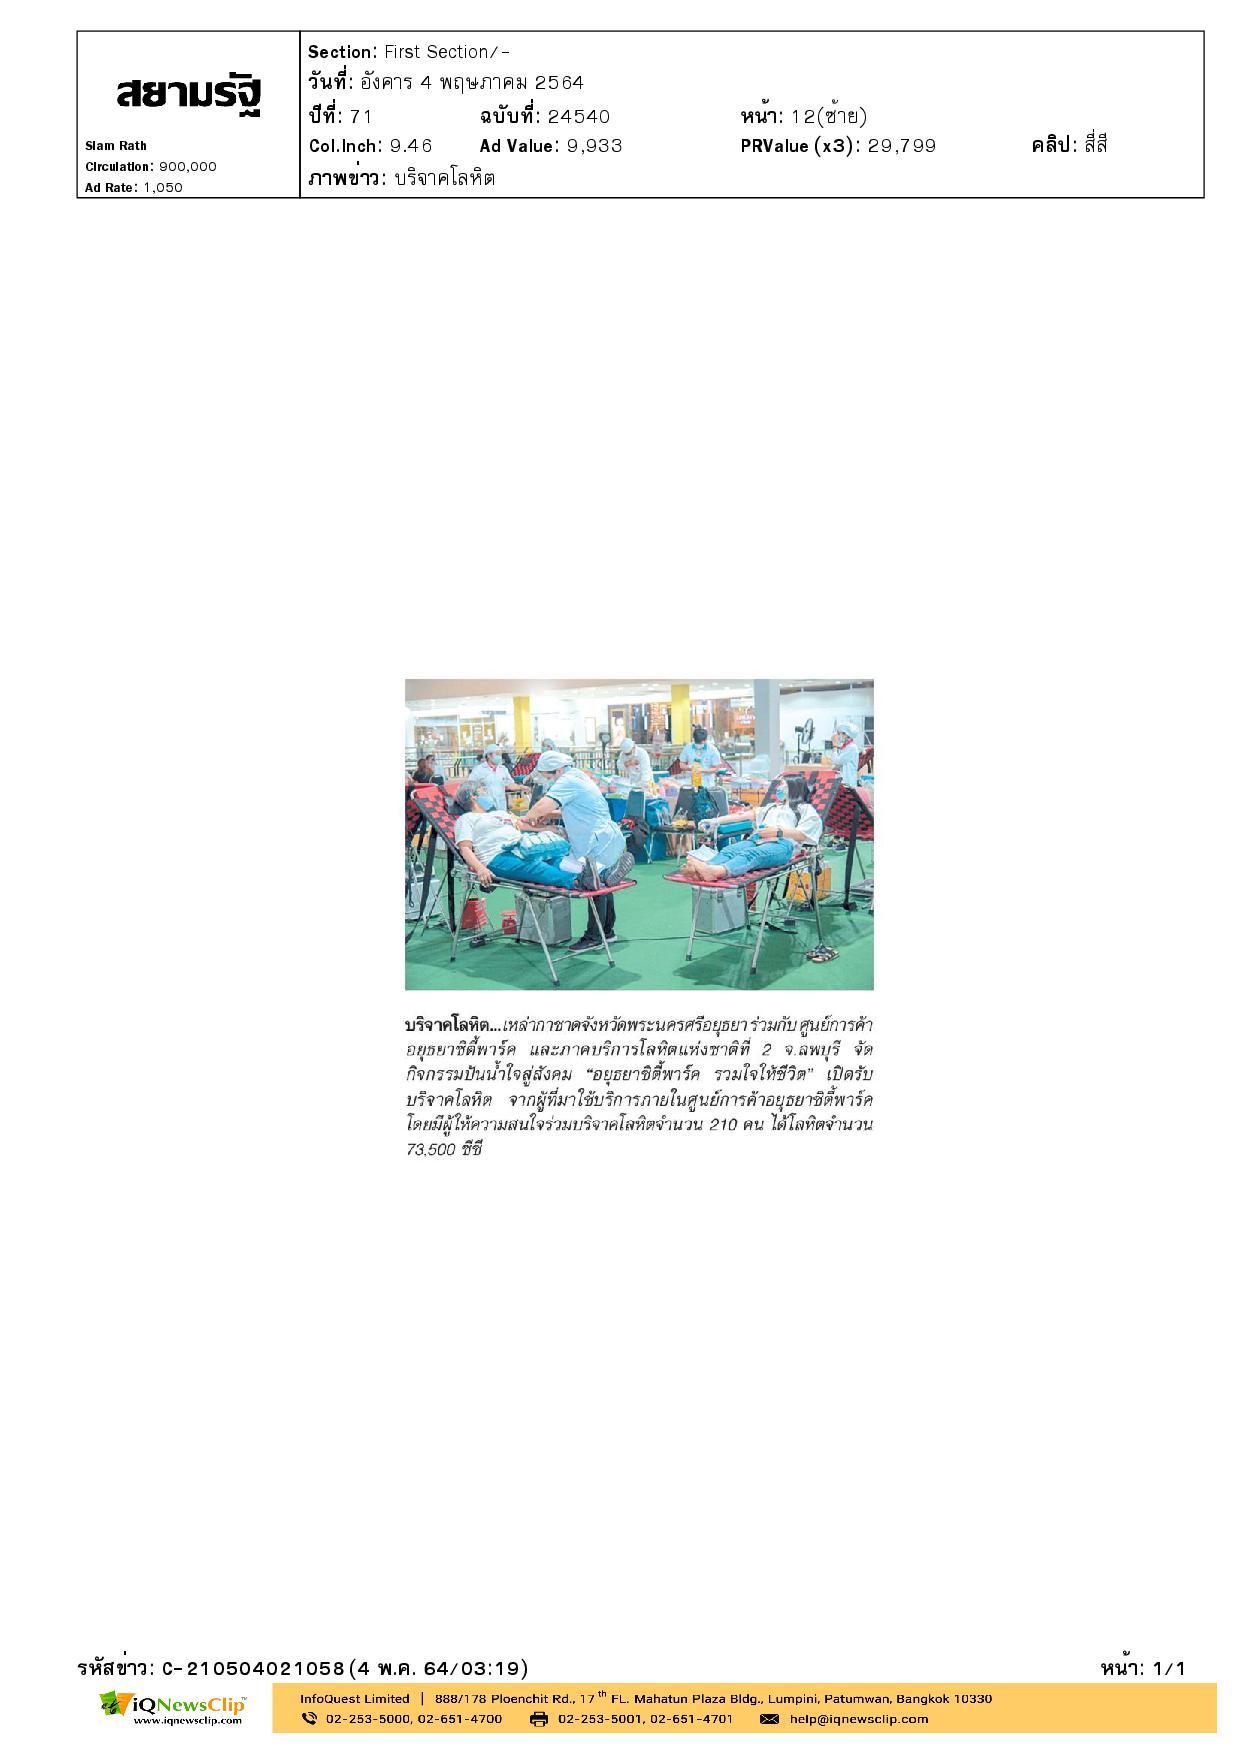 ภาคบริการโลหิตแห่งชาติที่ 2  จ.ลพบุรี  เพื่อเปิดรับบริจาคโลหิต